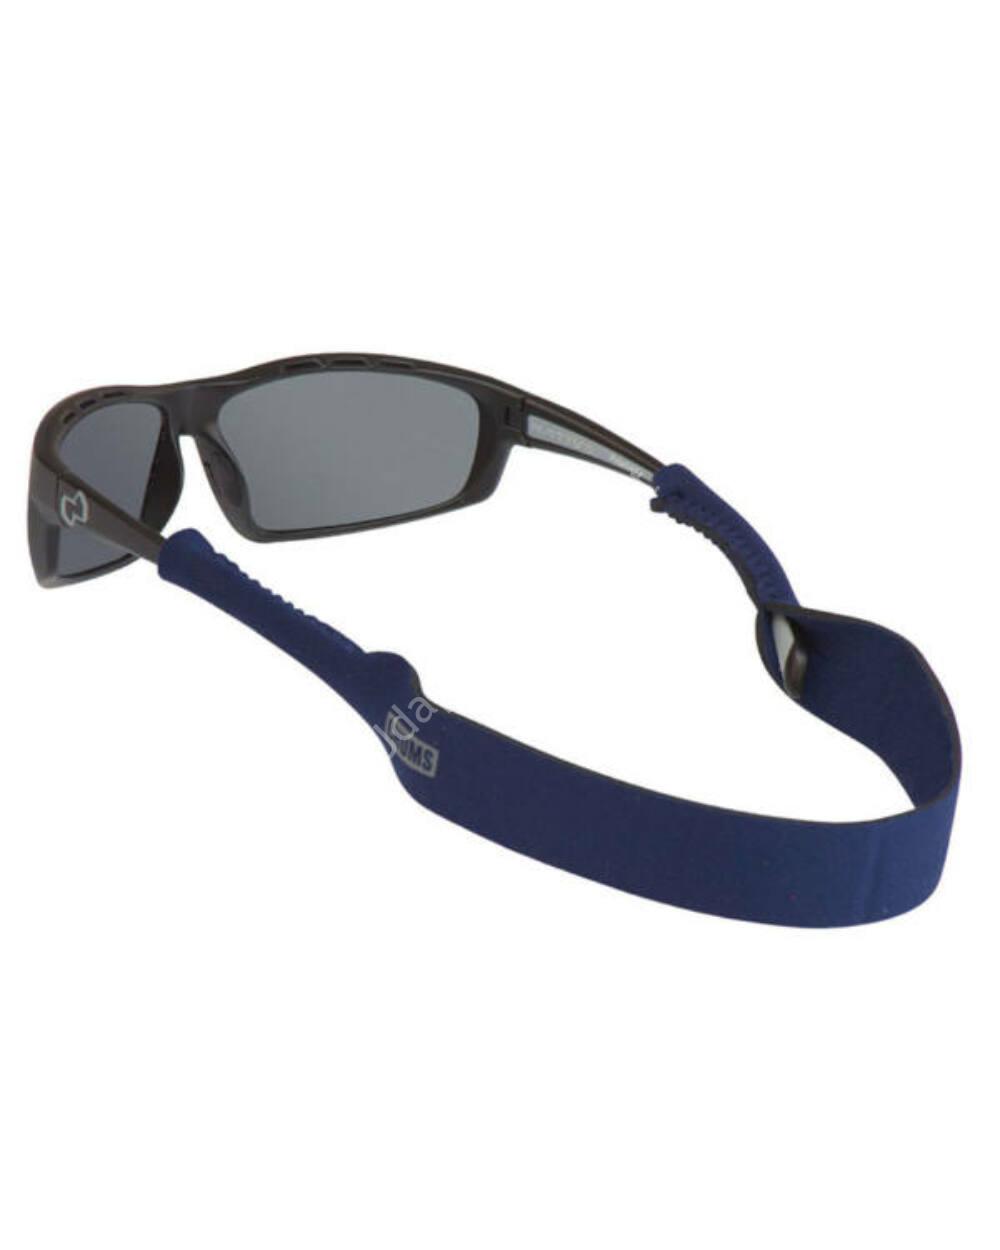 Chums Neoprene Classic Solids szemüvegpánt, sötétkék